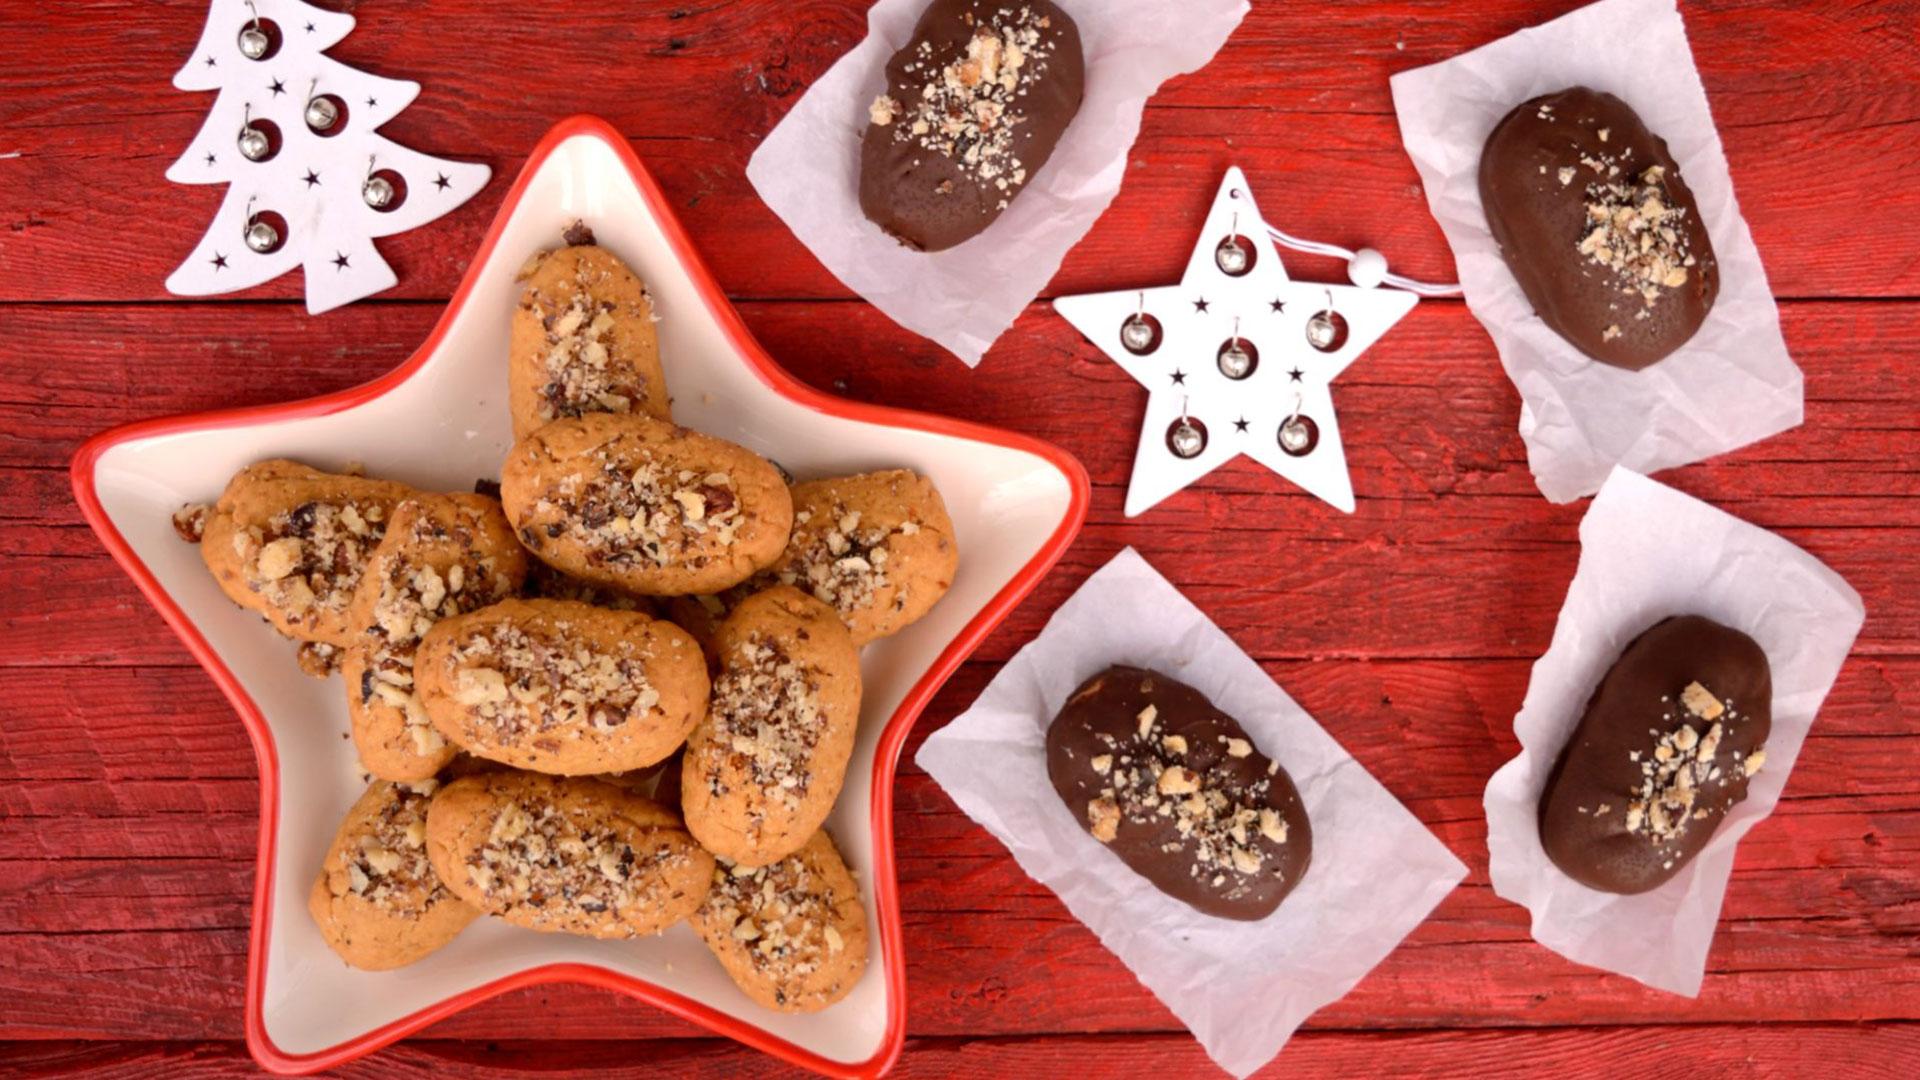 Τα αγαπημένα μας μελομακάρονα κλασικά και με σοκολάτα